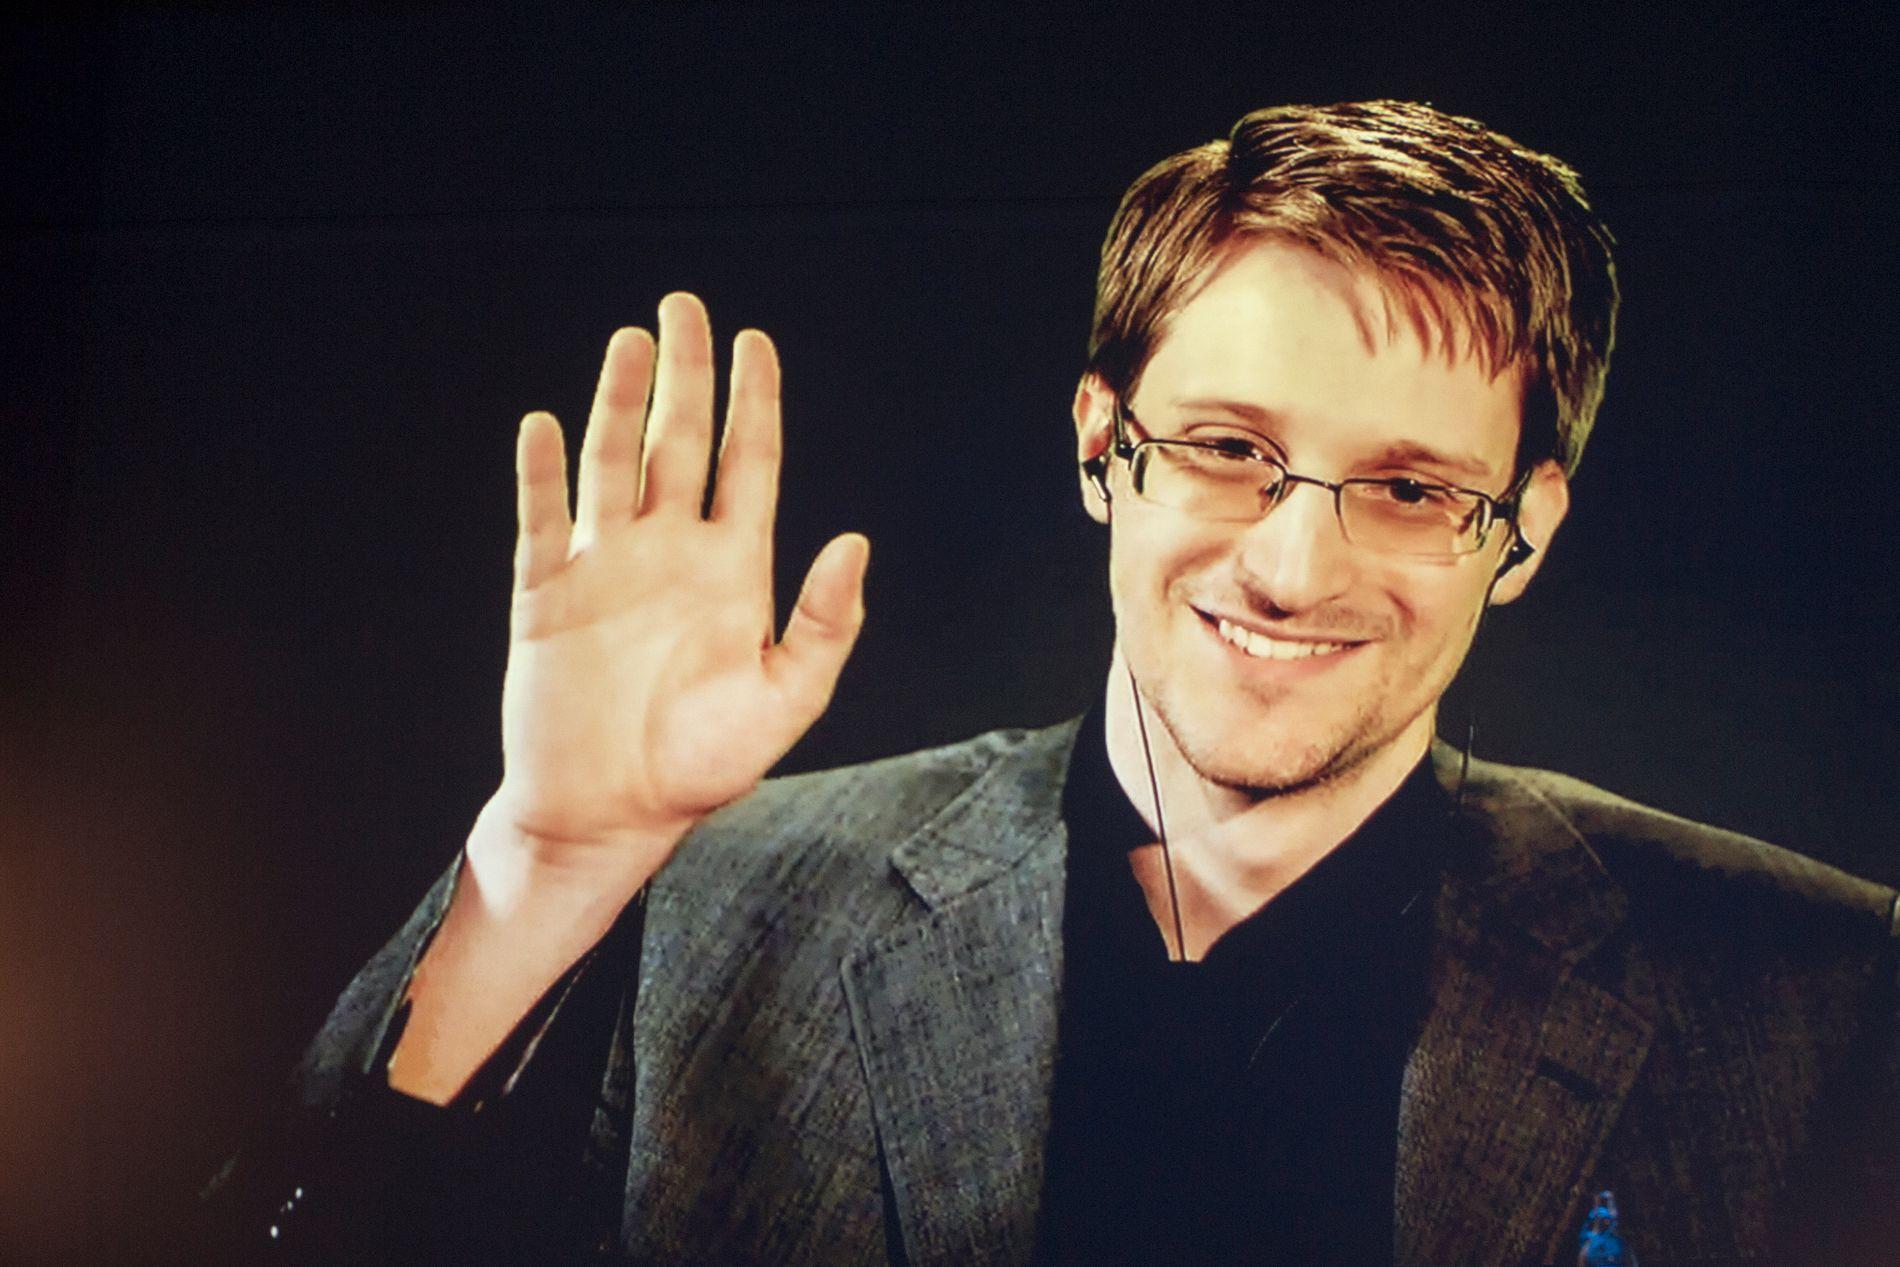 FAVORITT: Varsleren Edward Snowden nevnes også i år blant favorittene til å få Nobels Fredspris. Foto: Svein Ove Ekornesvåg / NTB scanpix